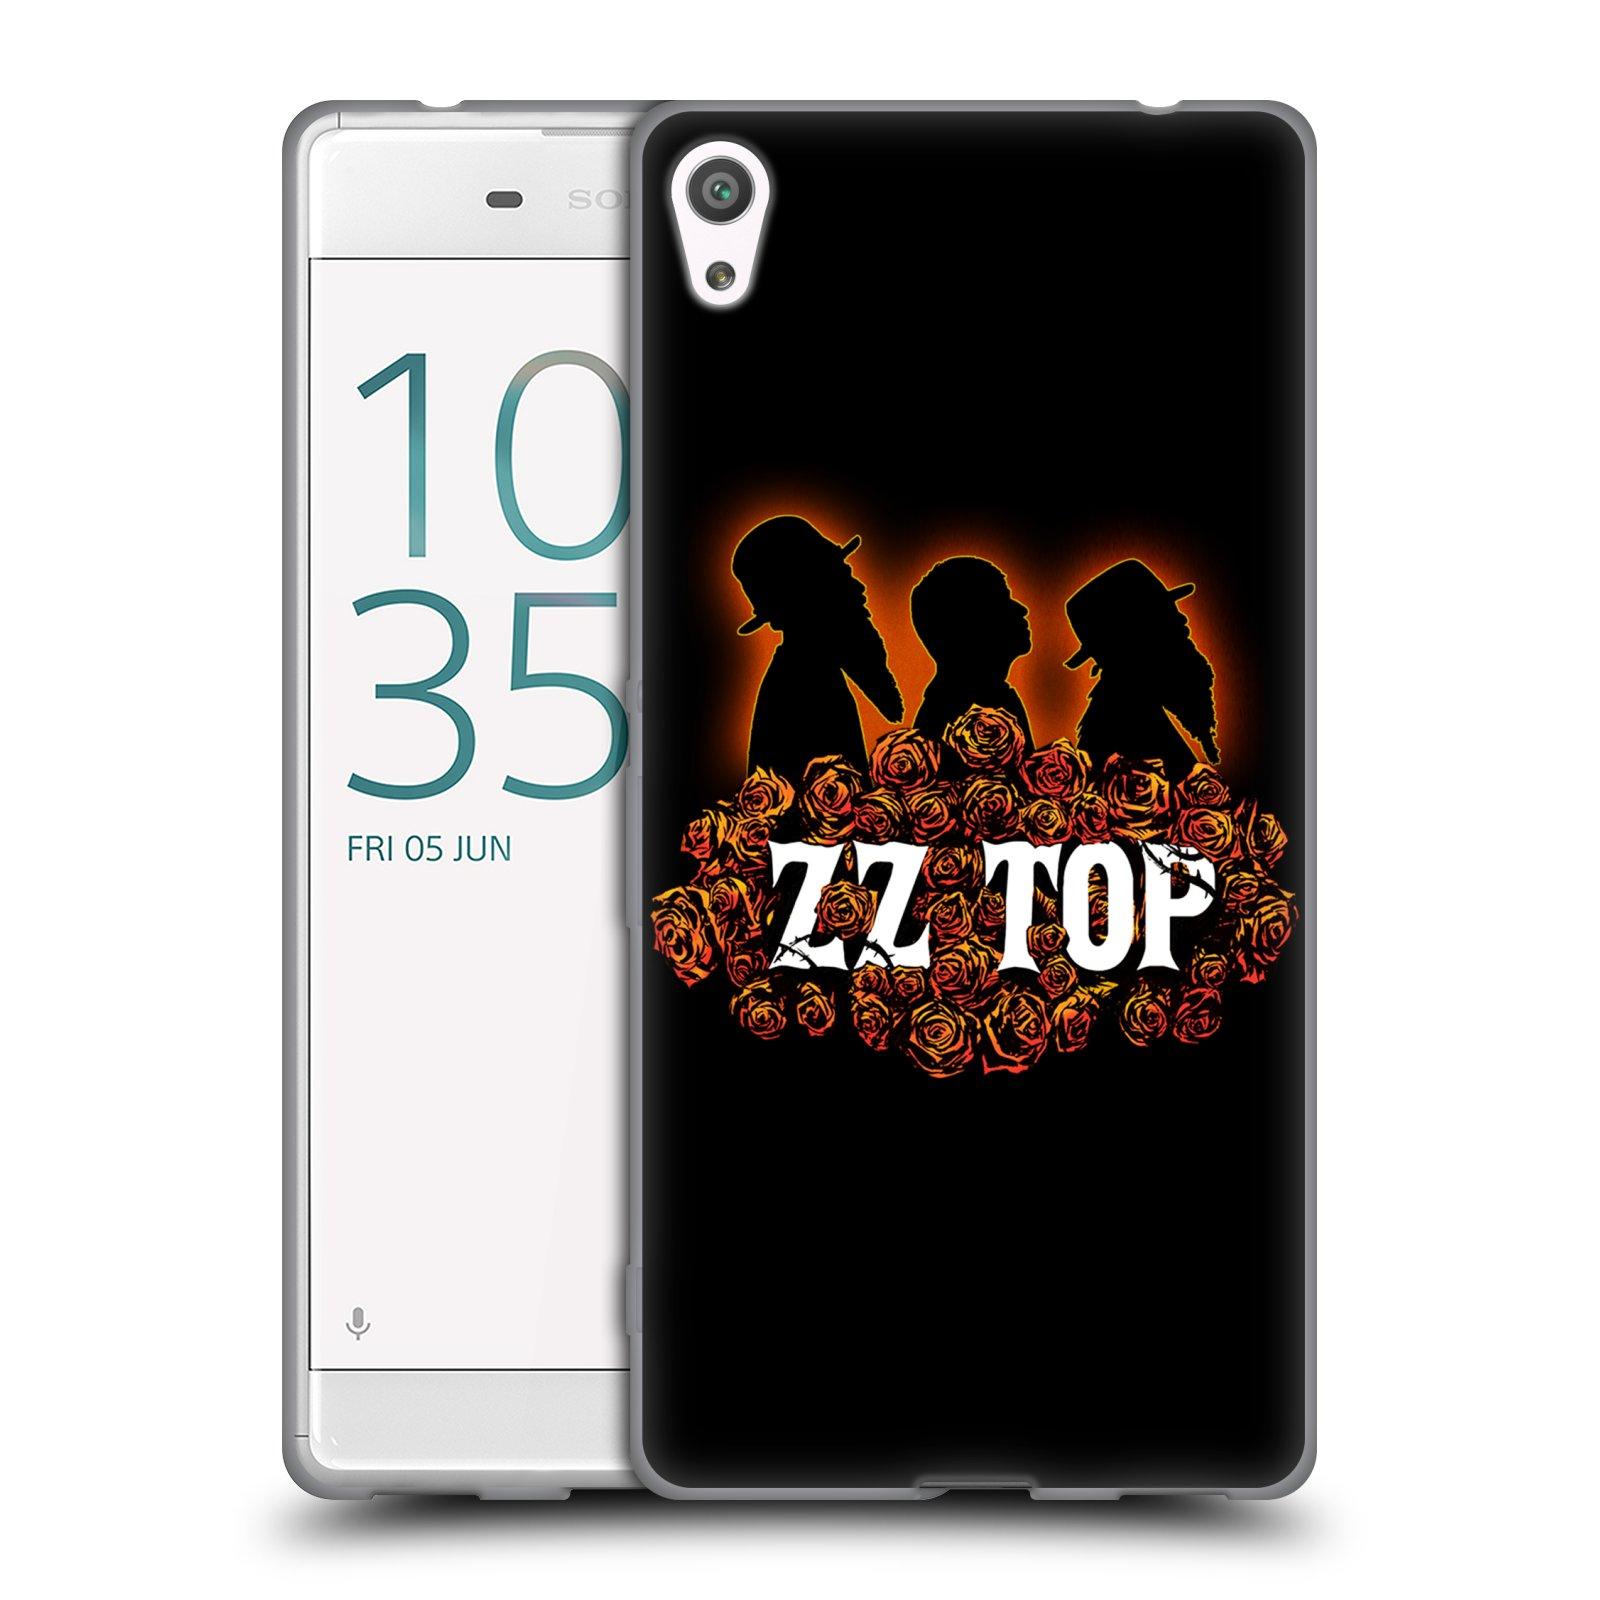 HEAD CASE silikonový obal na mobil Sony Xperia XA ULTRA ZZ Top originální obal silueta